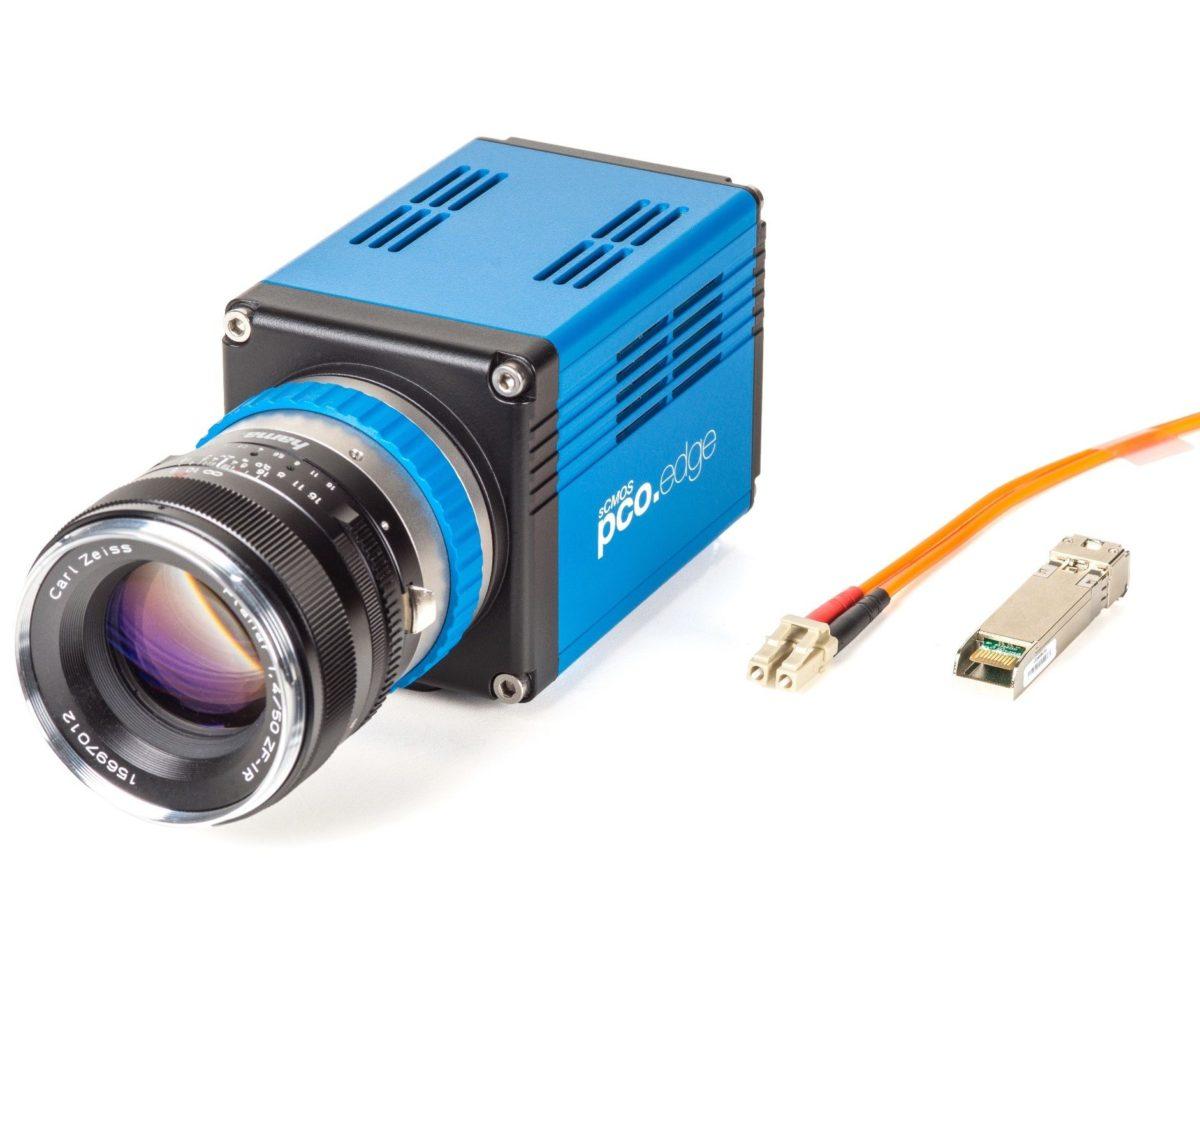 pco.edge CLHS sCMOS camera